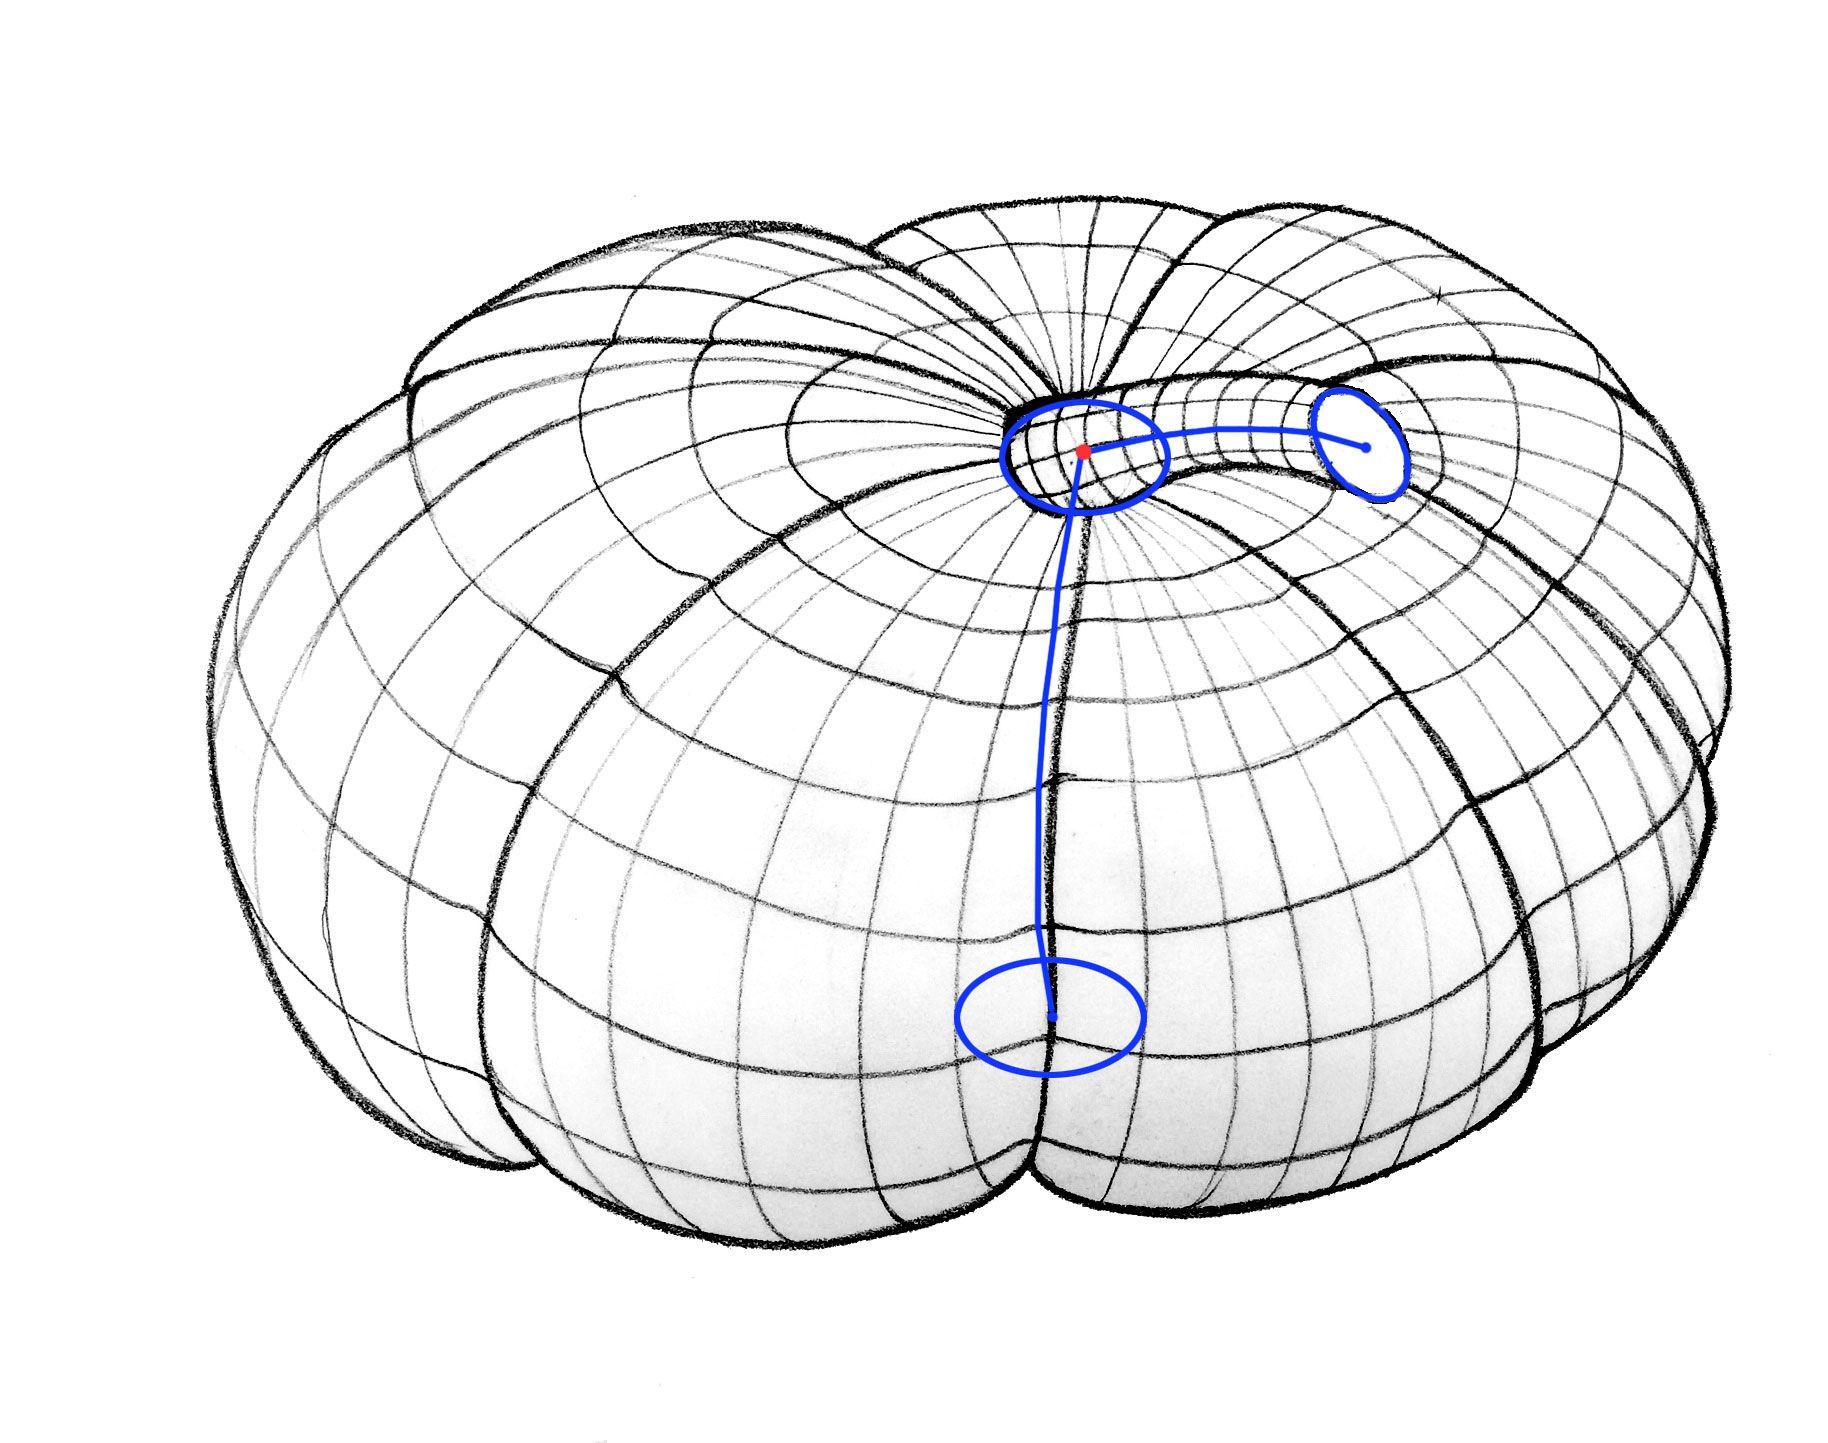 Form Volume Cross Contour Line